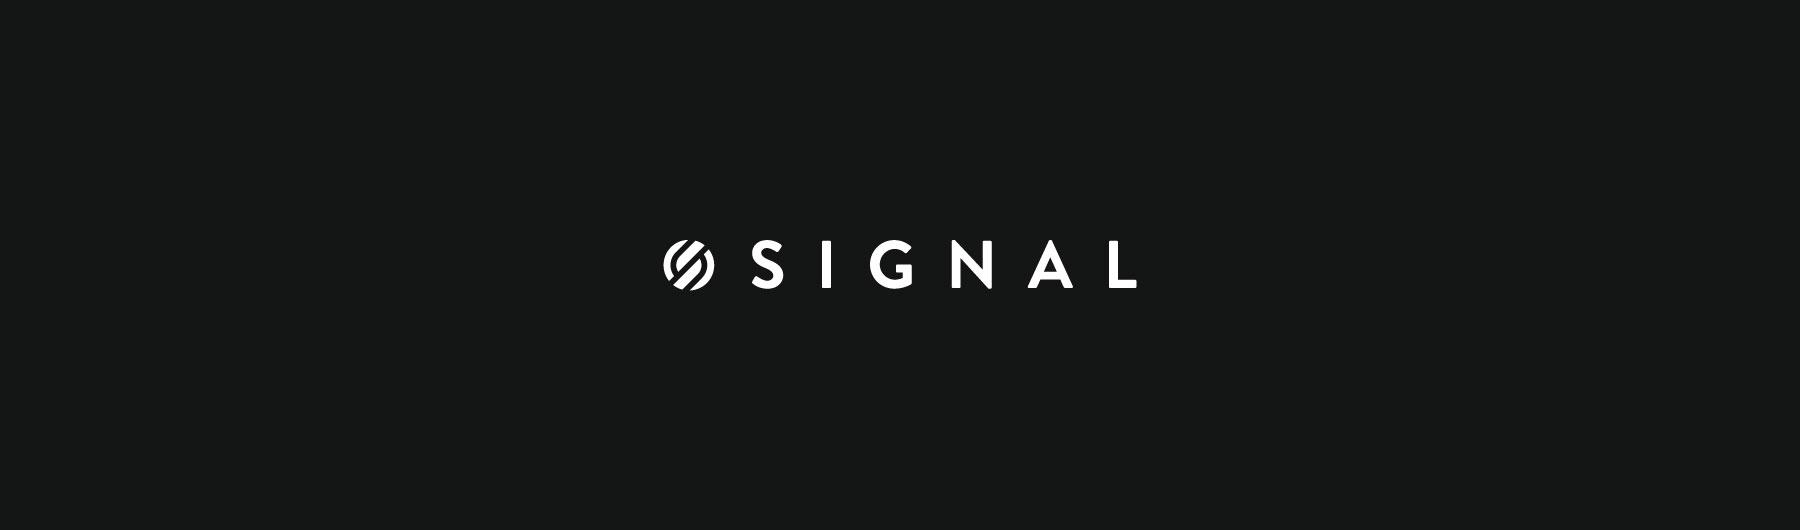 SIGNAL 2017 SF